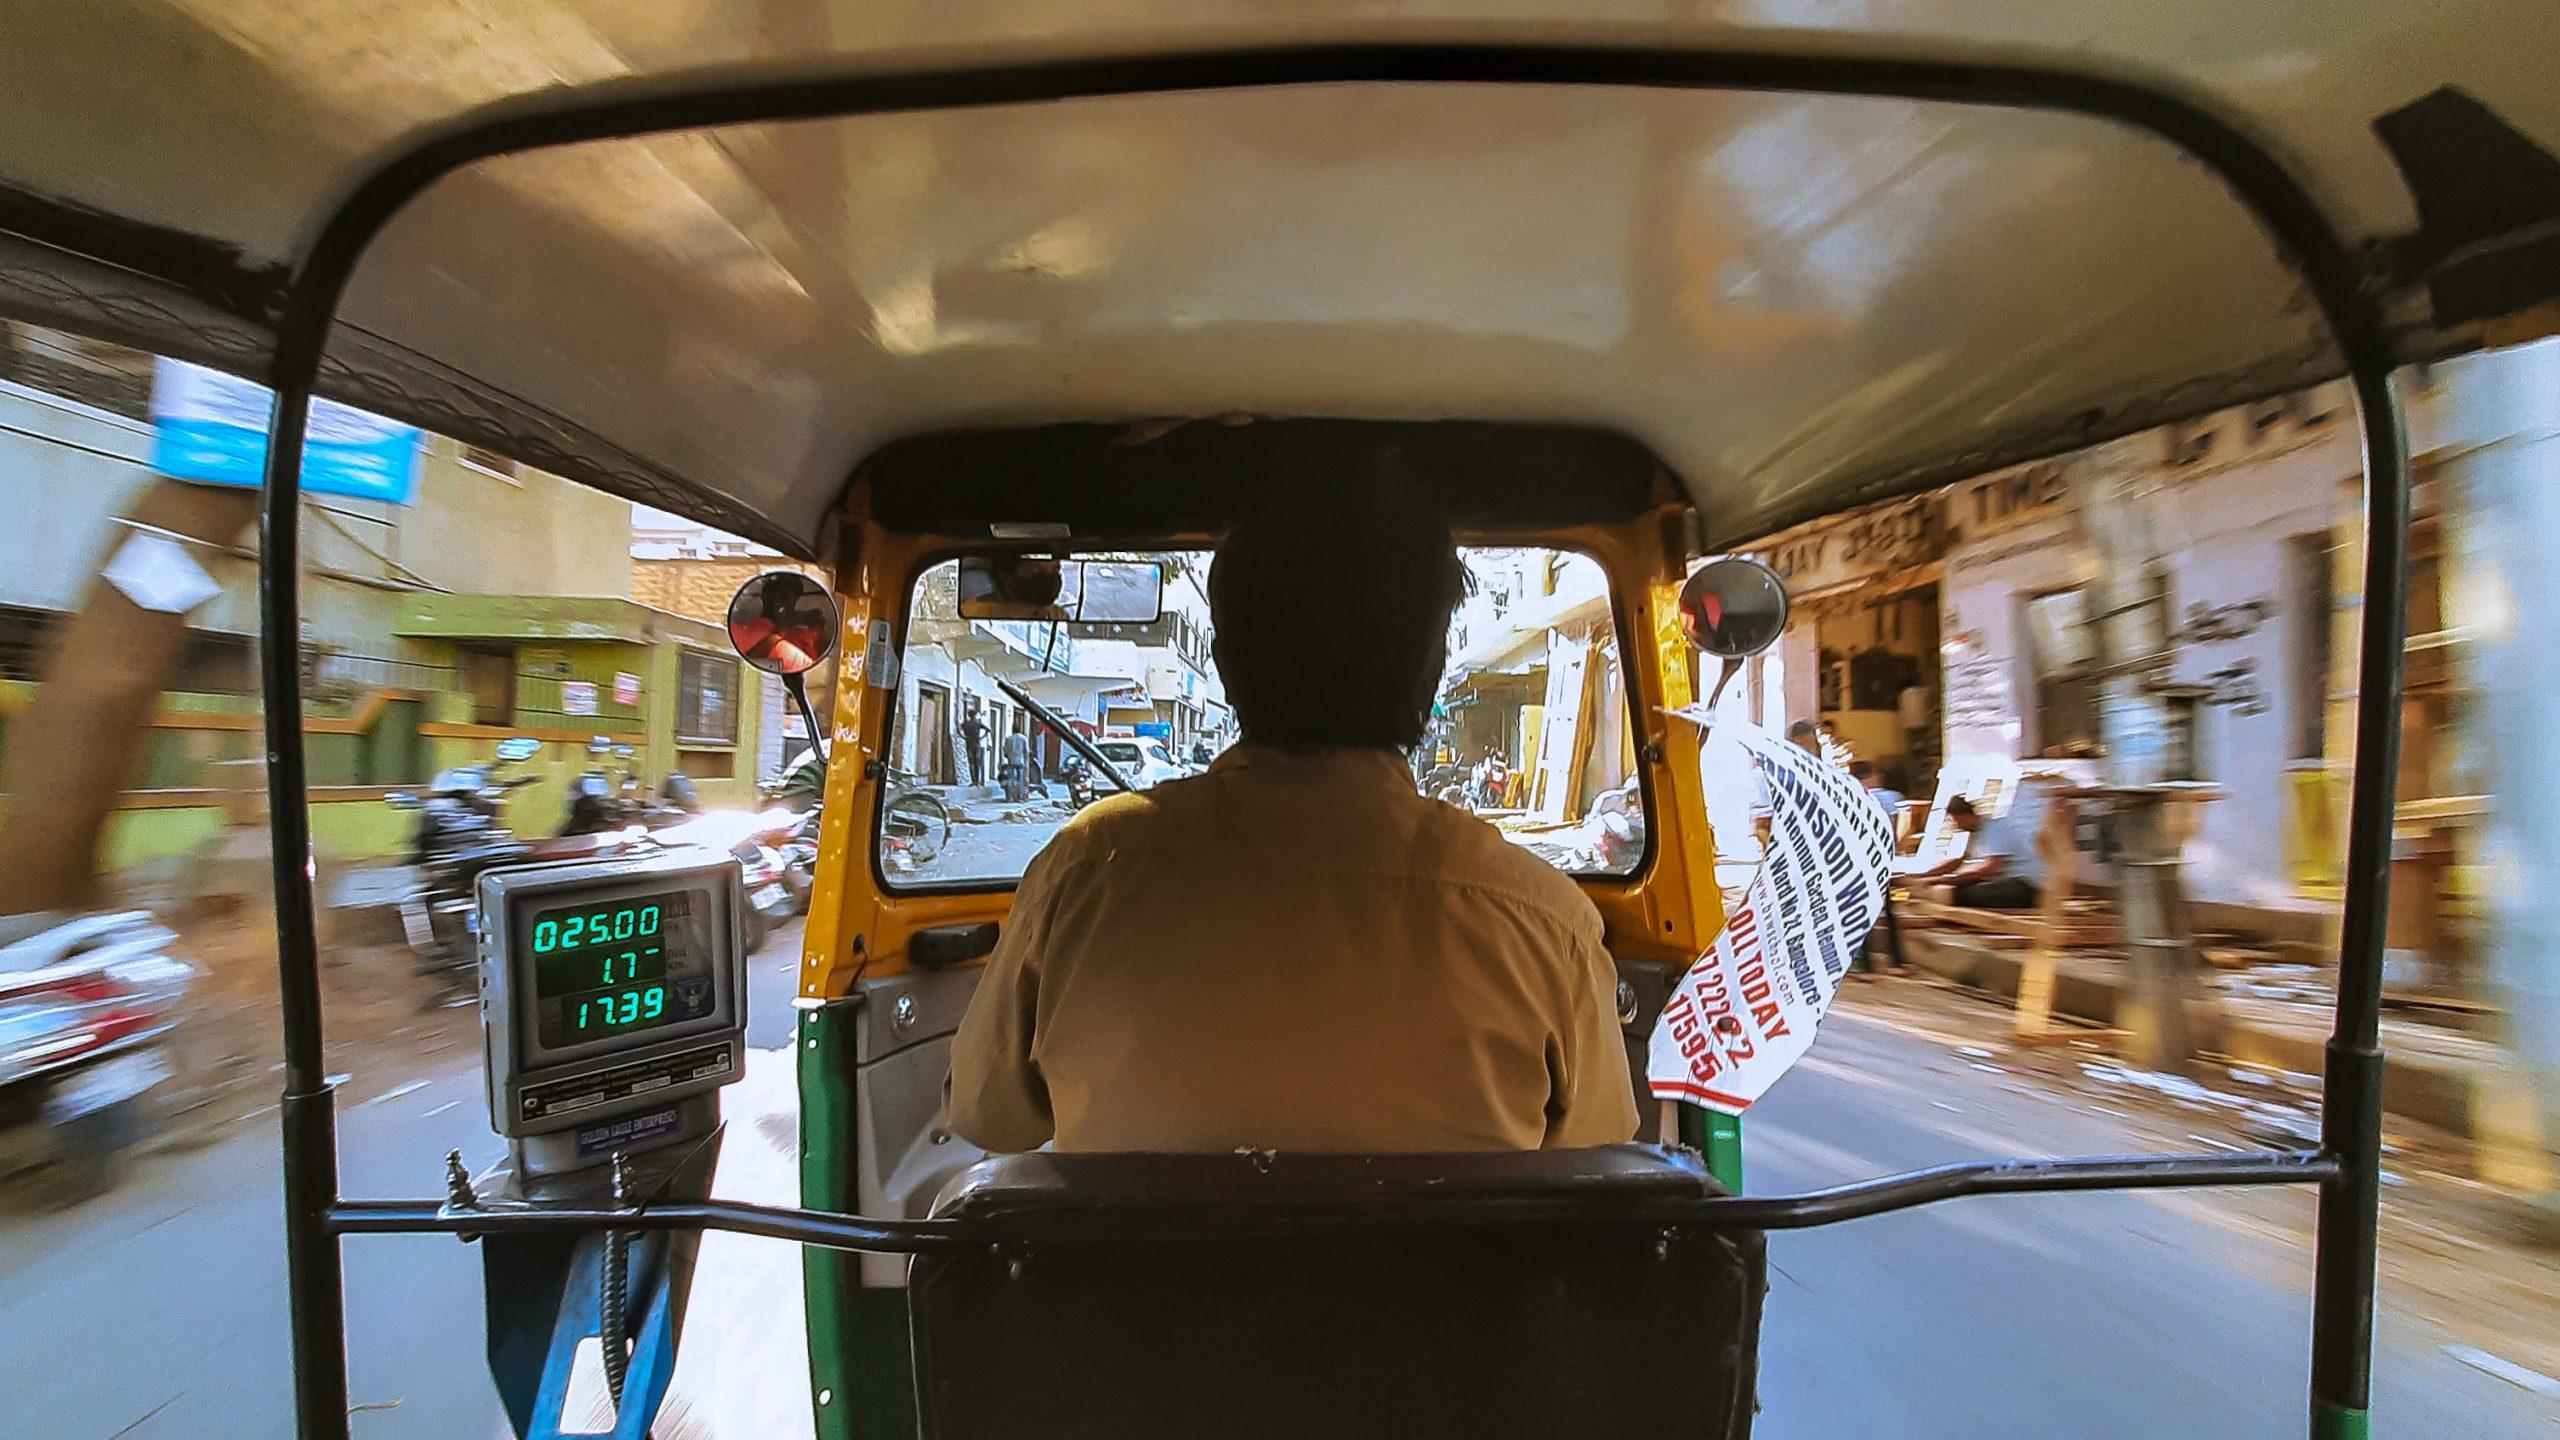 An autorickshaw driver